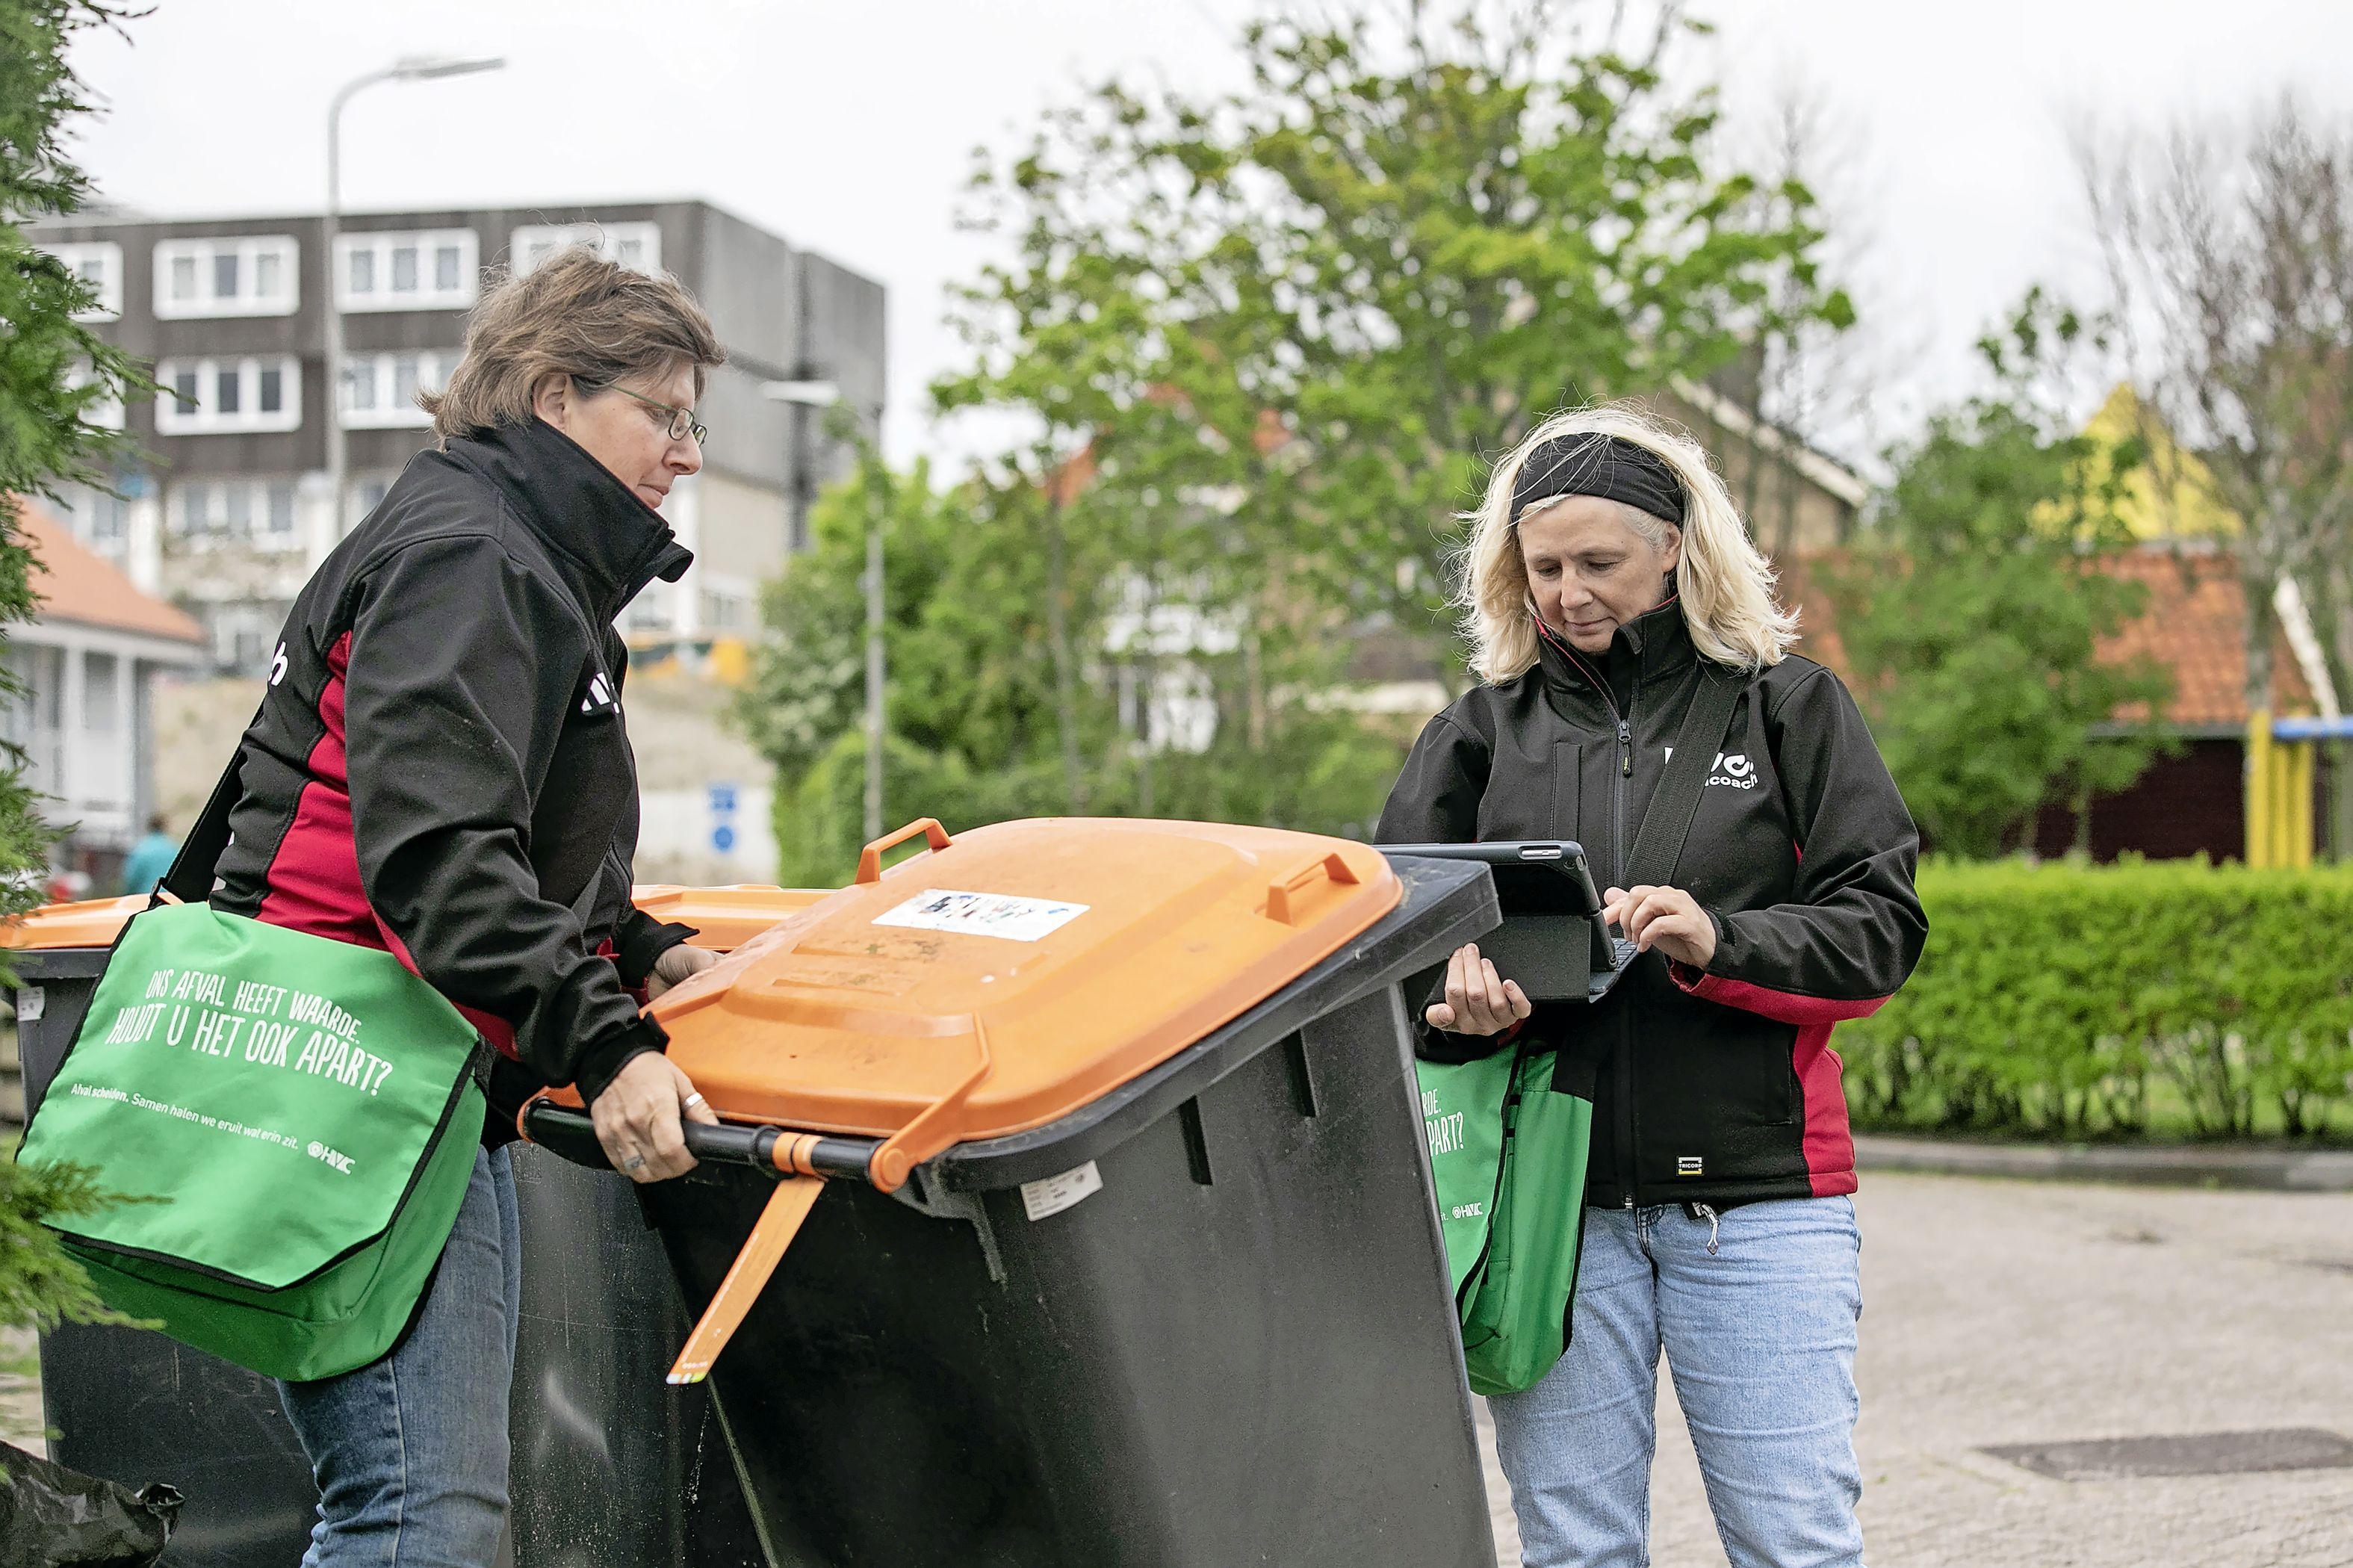 Texelaars leveren zeker drie keer zoveel onbruikbaar plastic afval aan als bewoners van andere gemeenten. Dat jaagt de gemeente flink op kosten